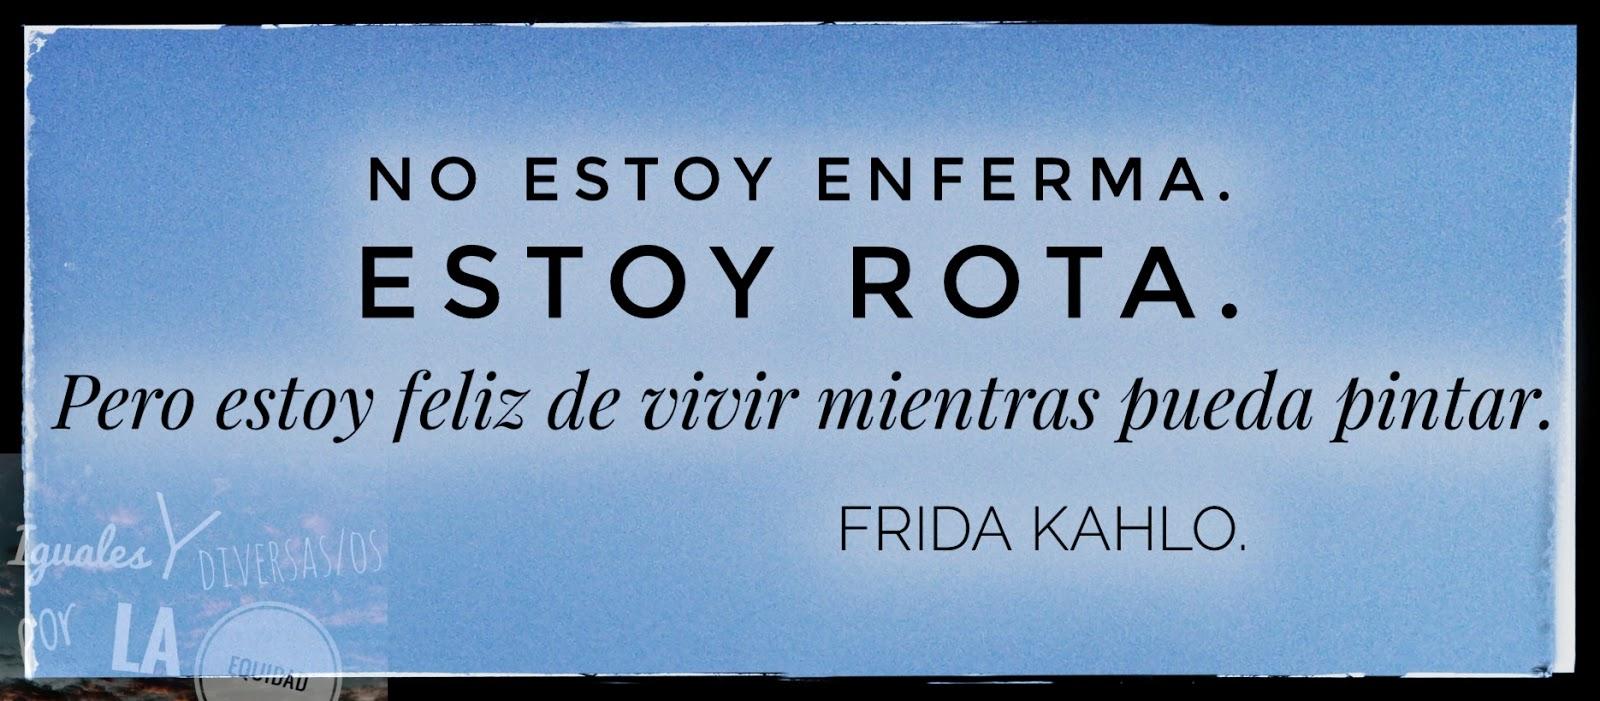 Diversidad Igualdad Y Equidad Frases De Frida Kahlo